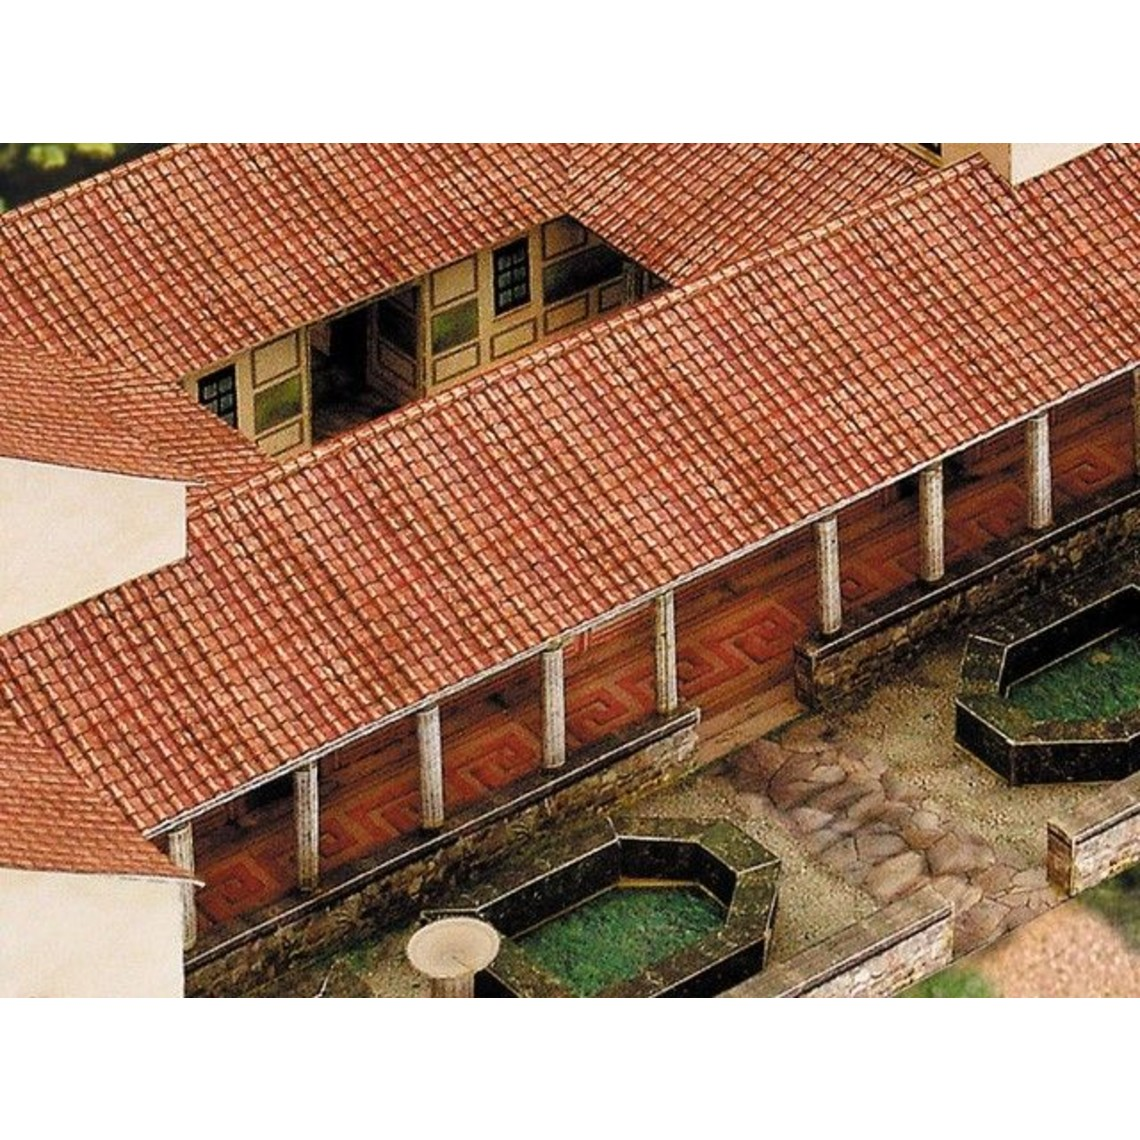 Papier modèle villa rustica